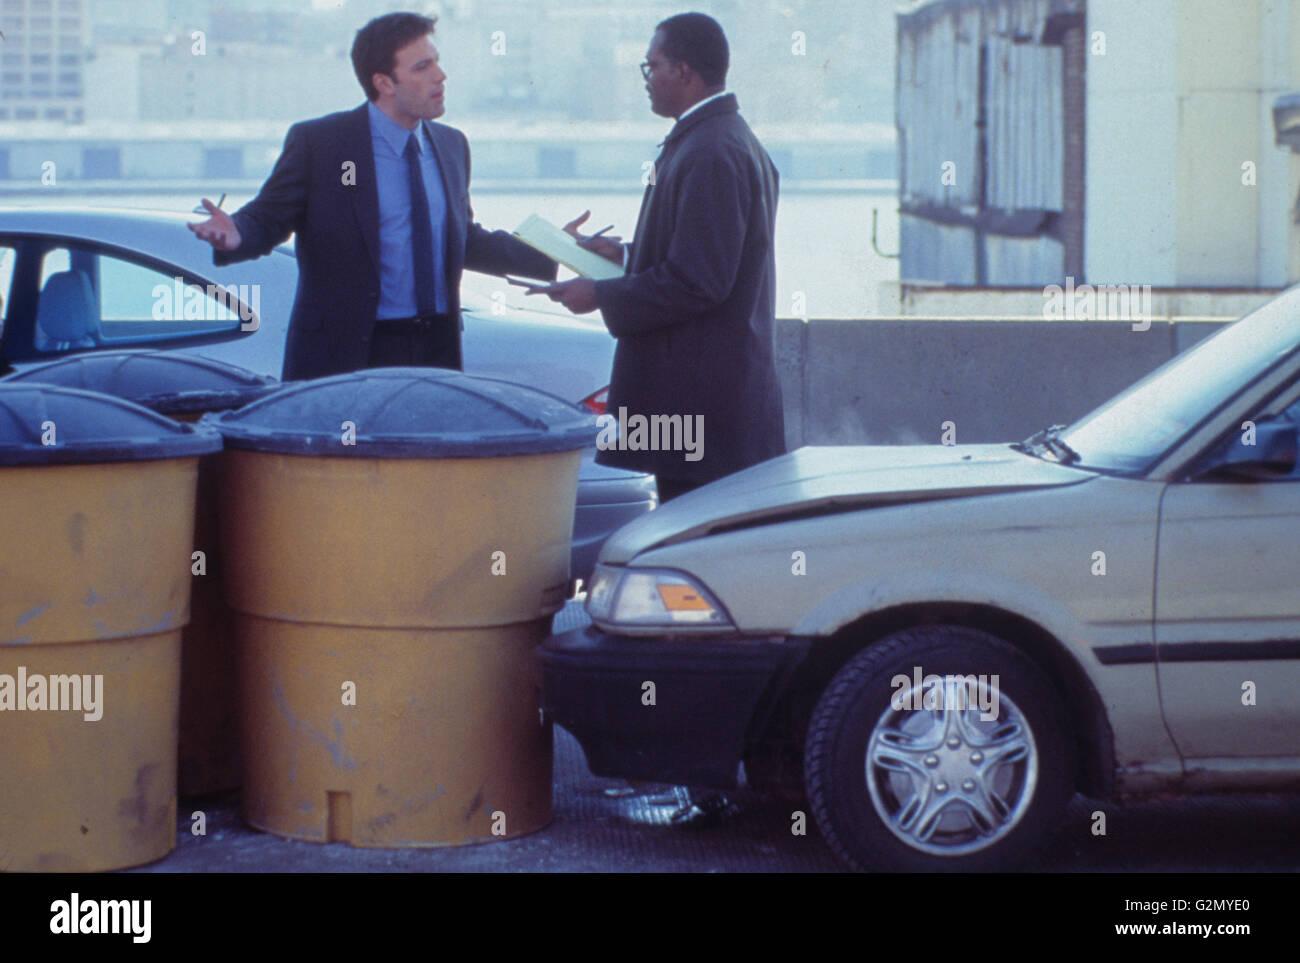 Ben Affleck, Samuel l. Jackson,changer de voie,2002 Photo Stock